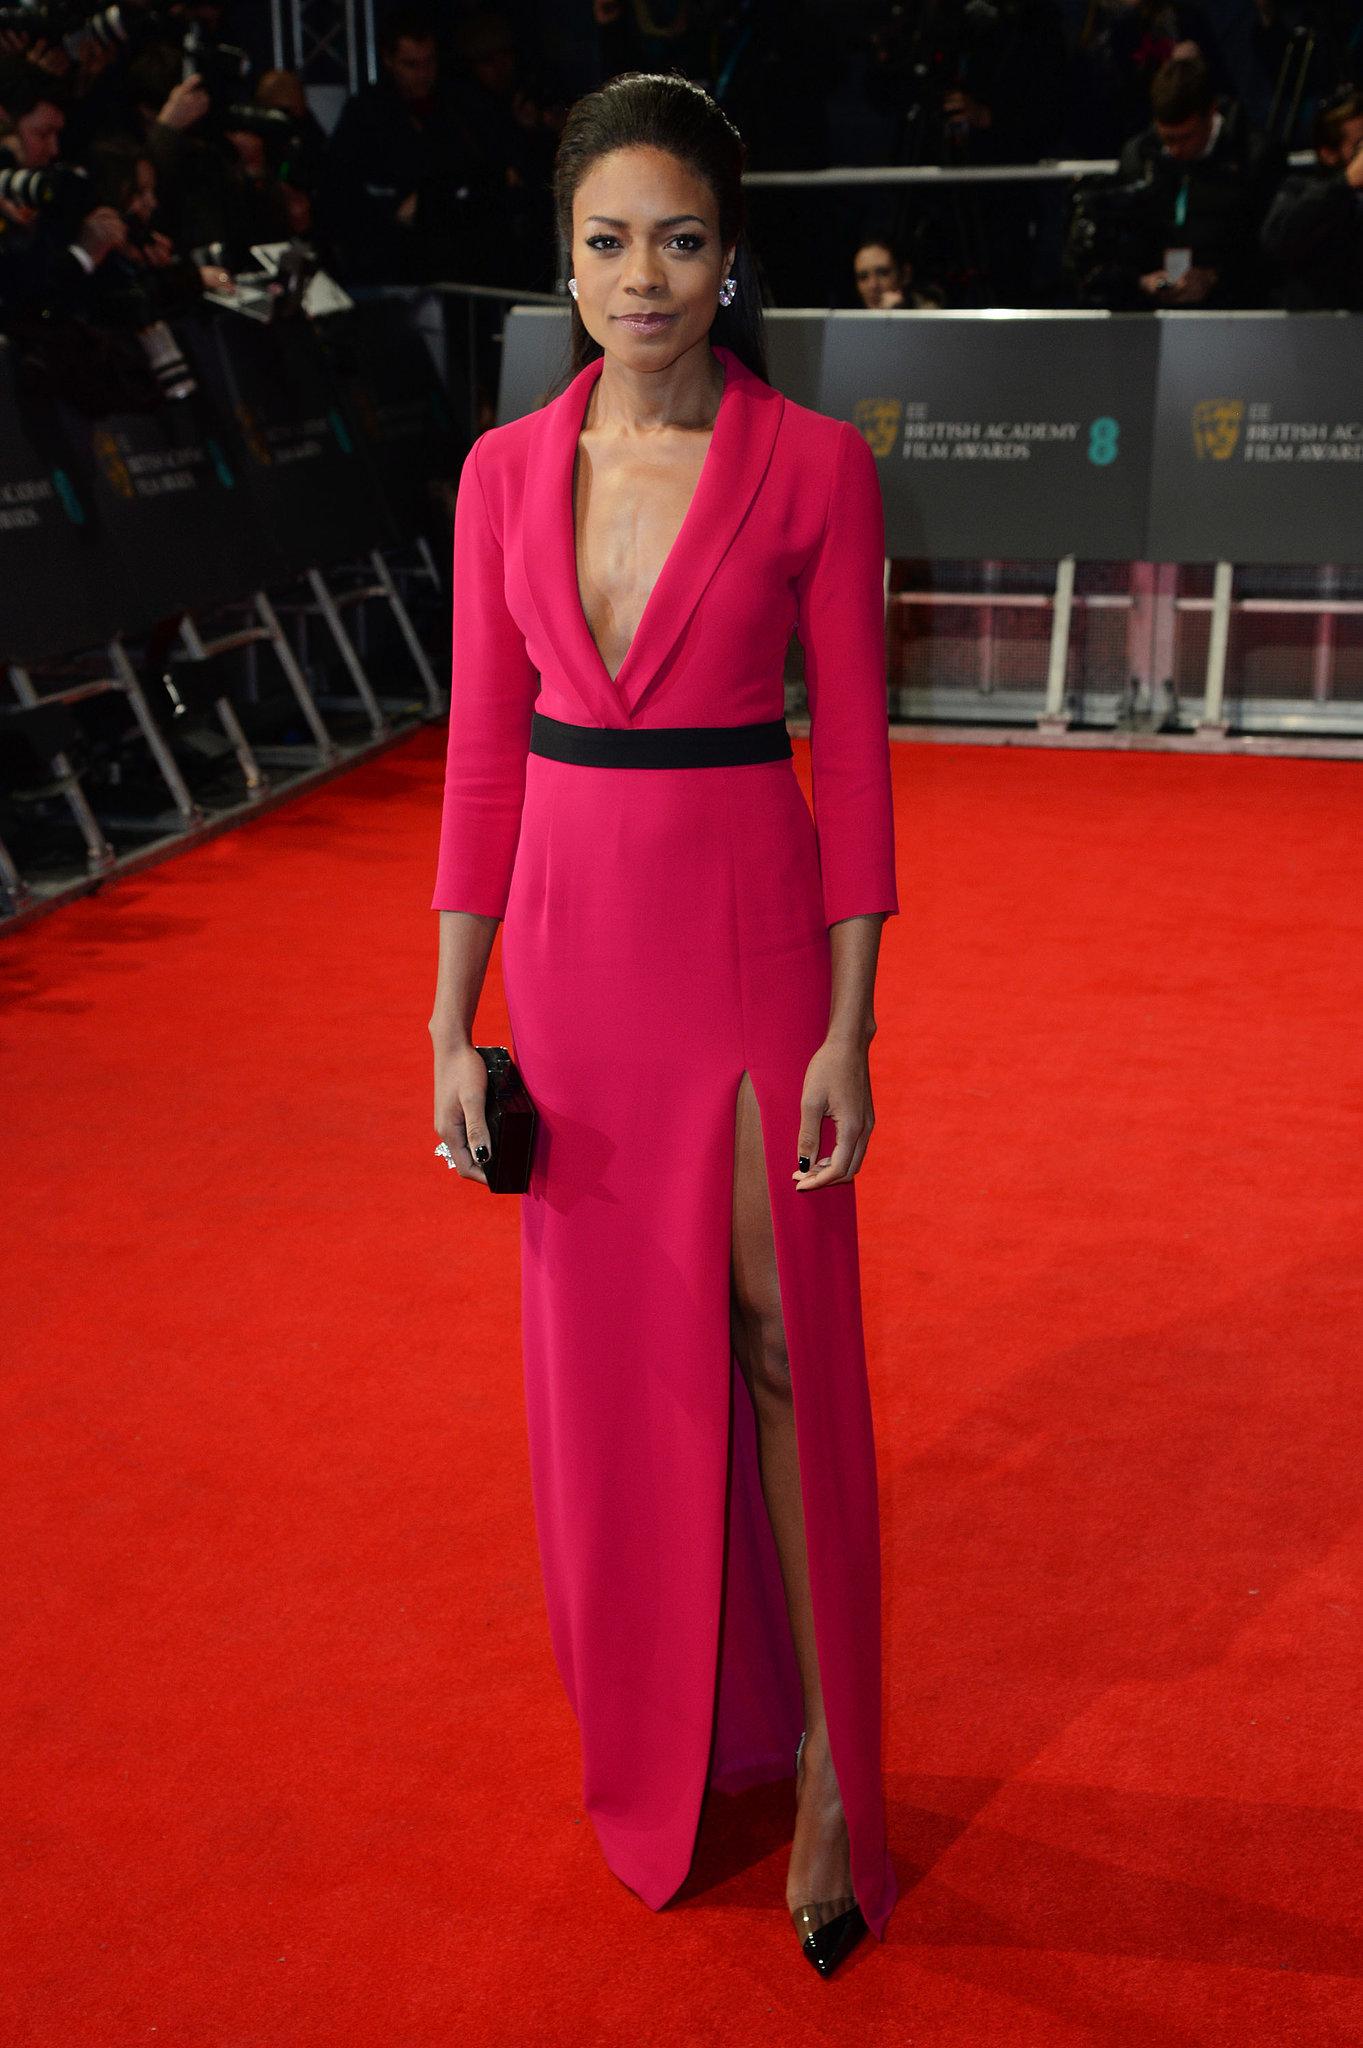 Naomie Harris at the 2014 BAFTA Awards.